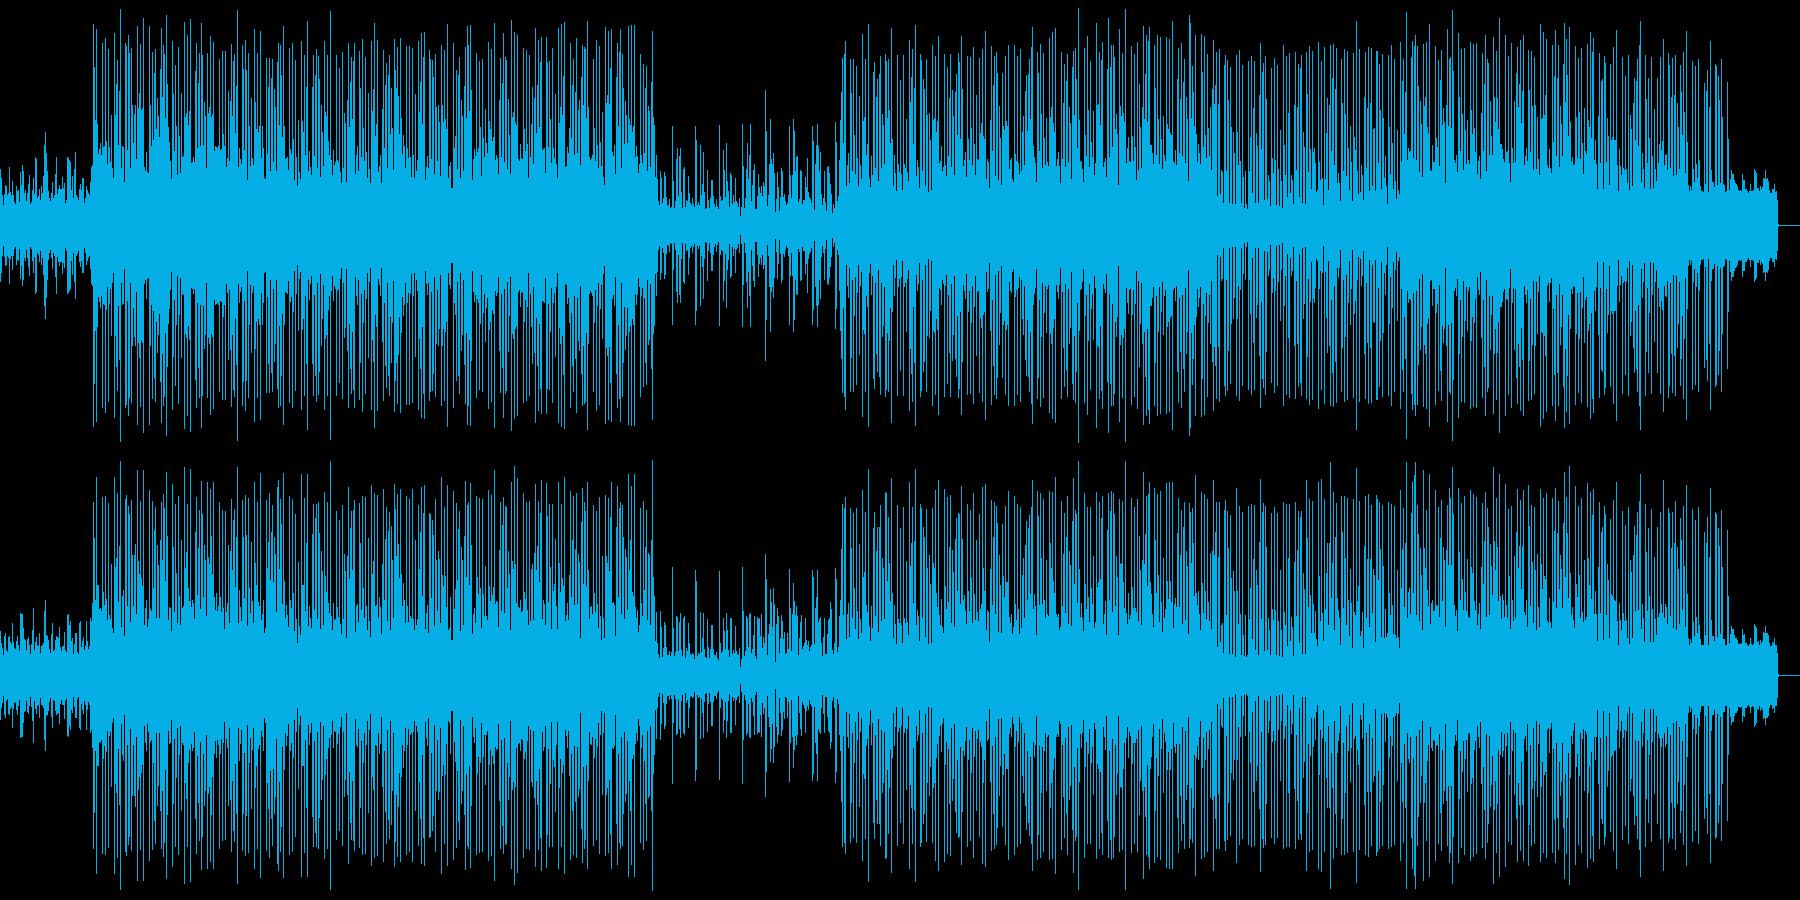 ふんだんに電子音をあしらったテクノの再生済みの波形